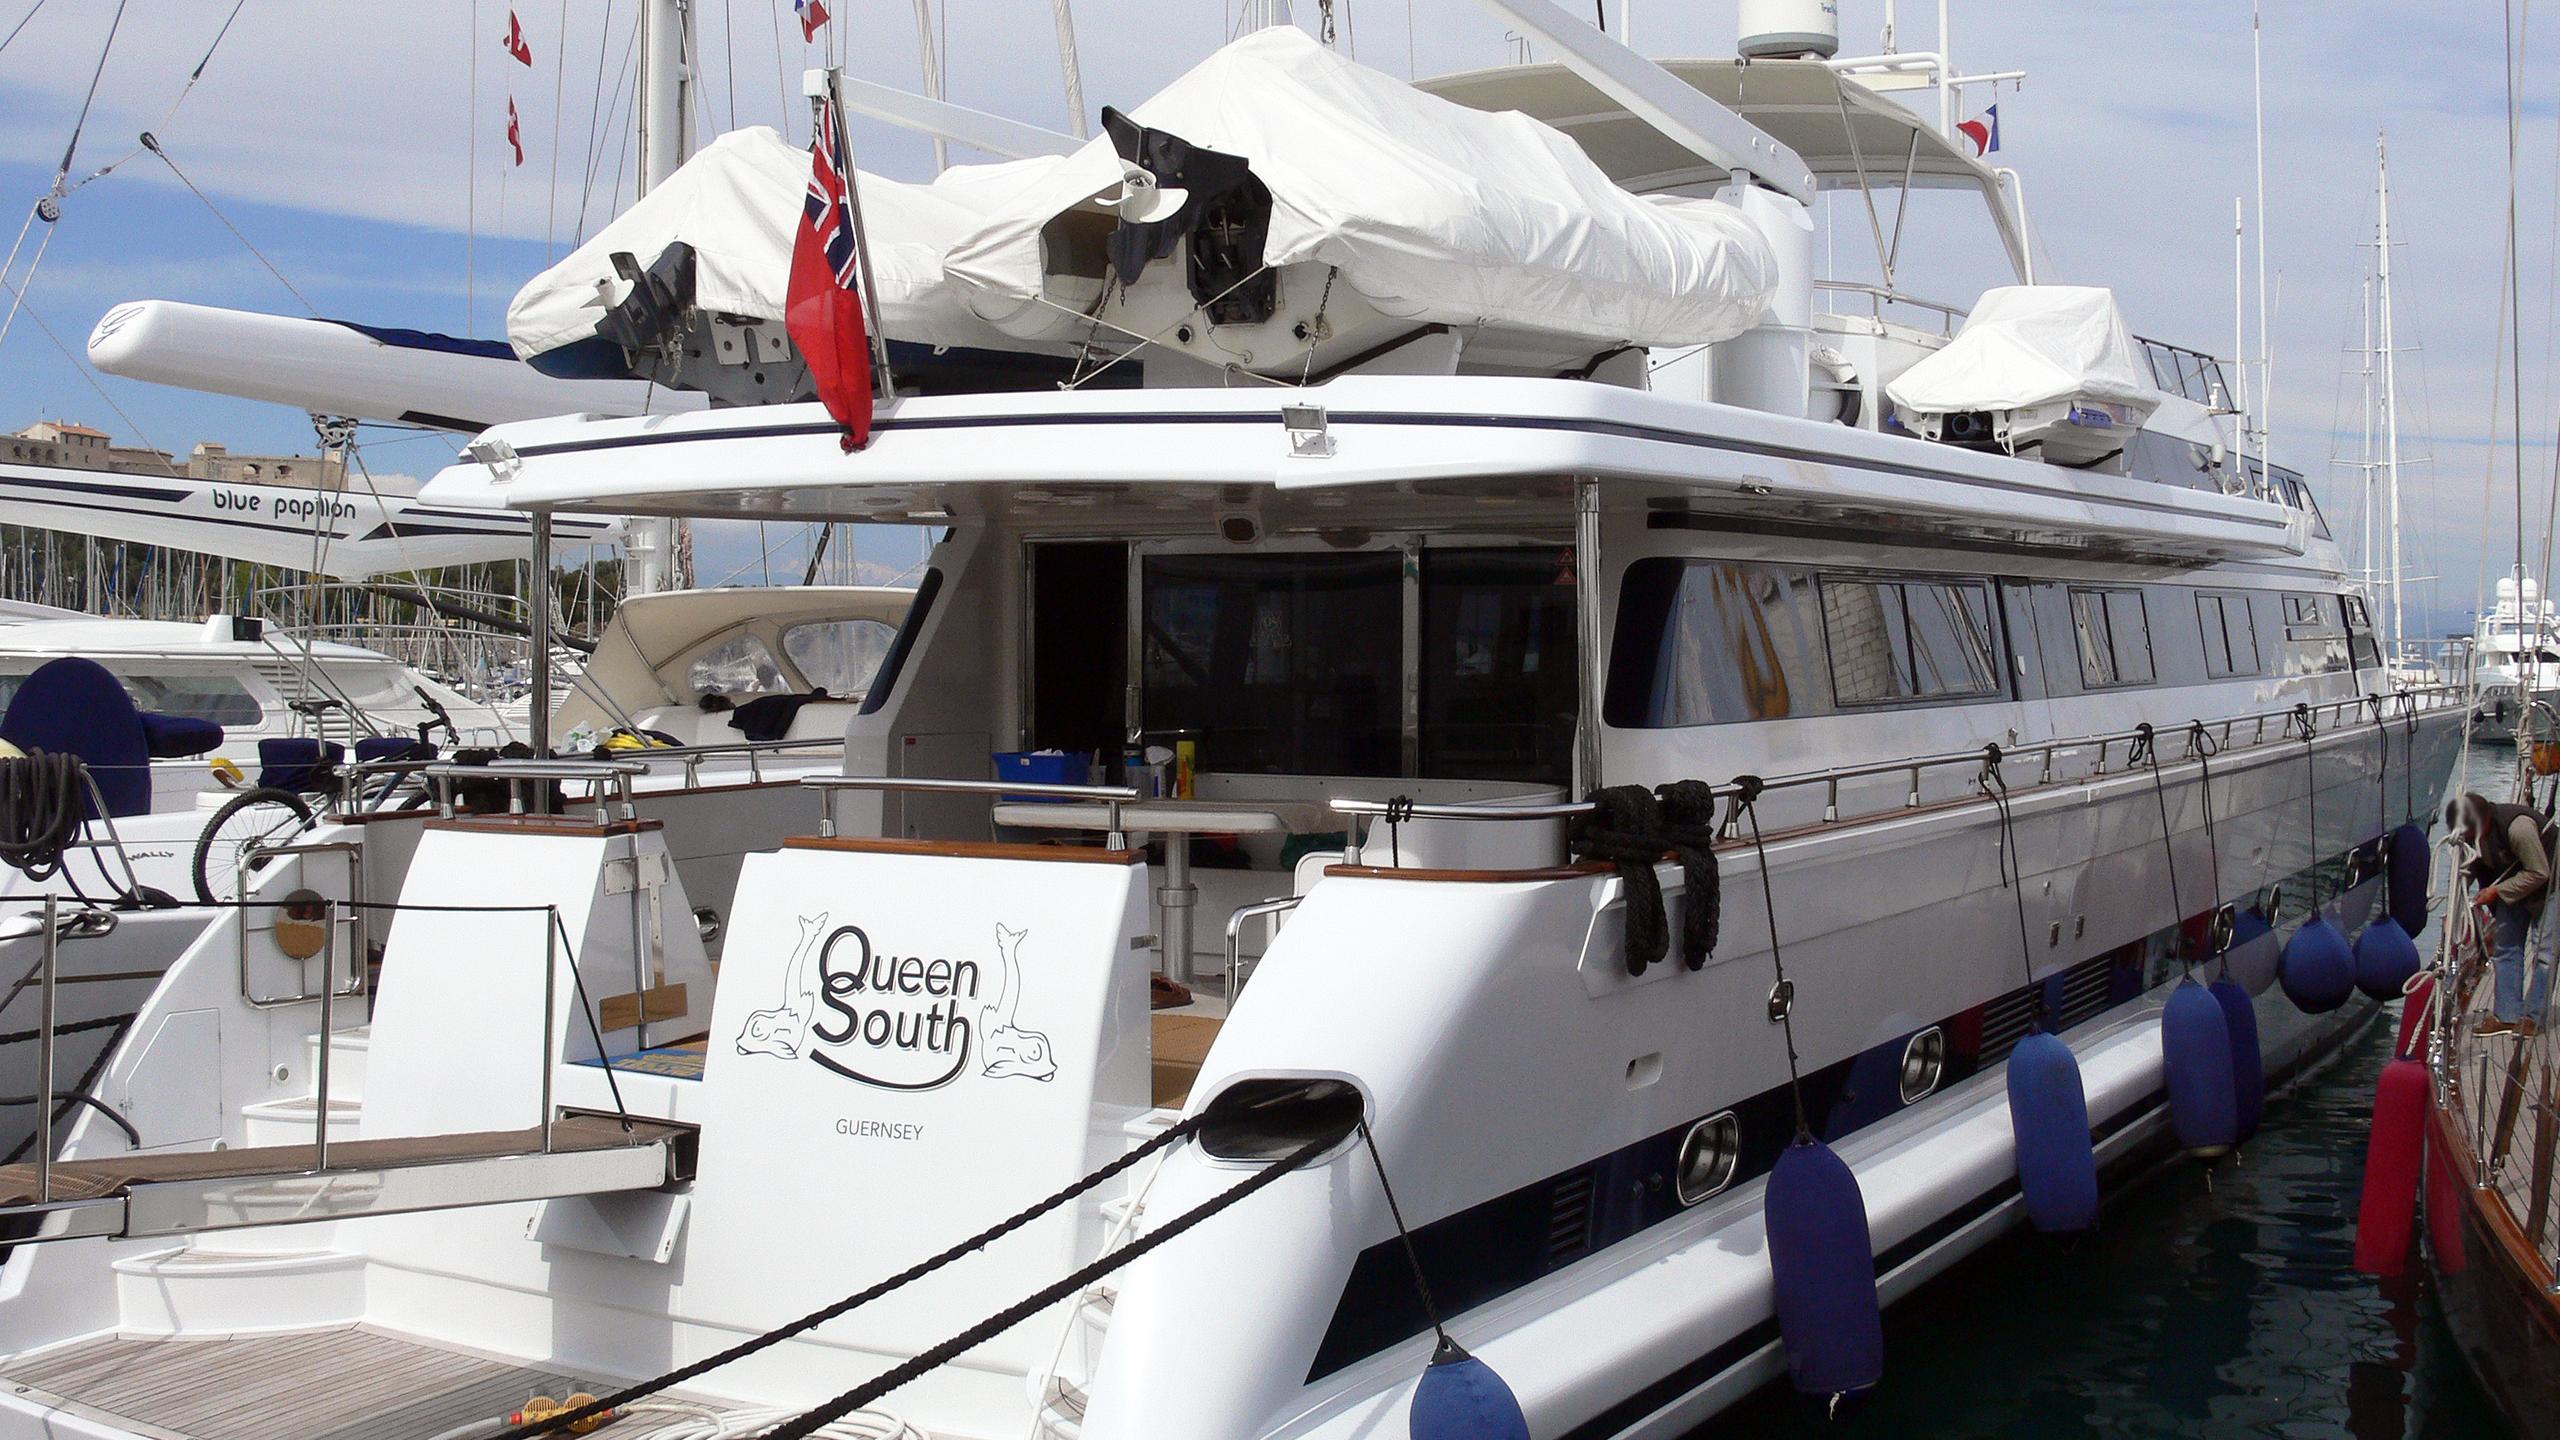 queen-south-motor-yacht-versilcraft-super-challenger-1987-30m-stern